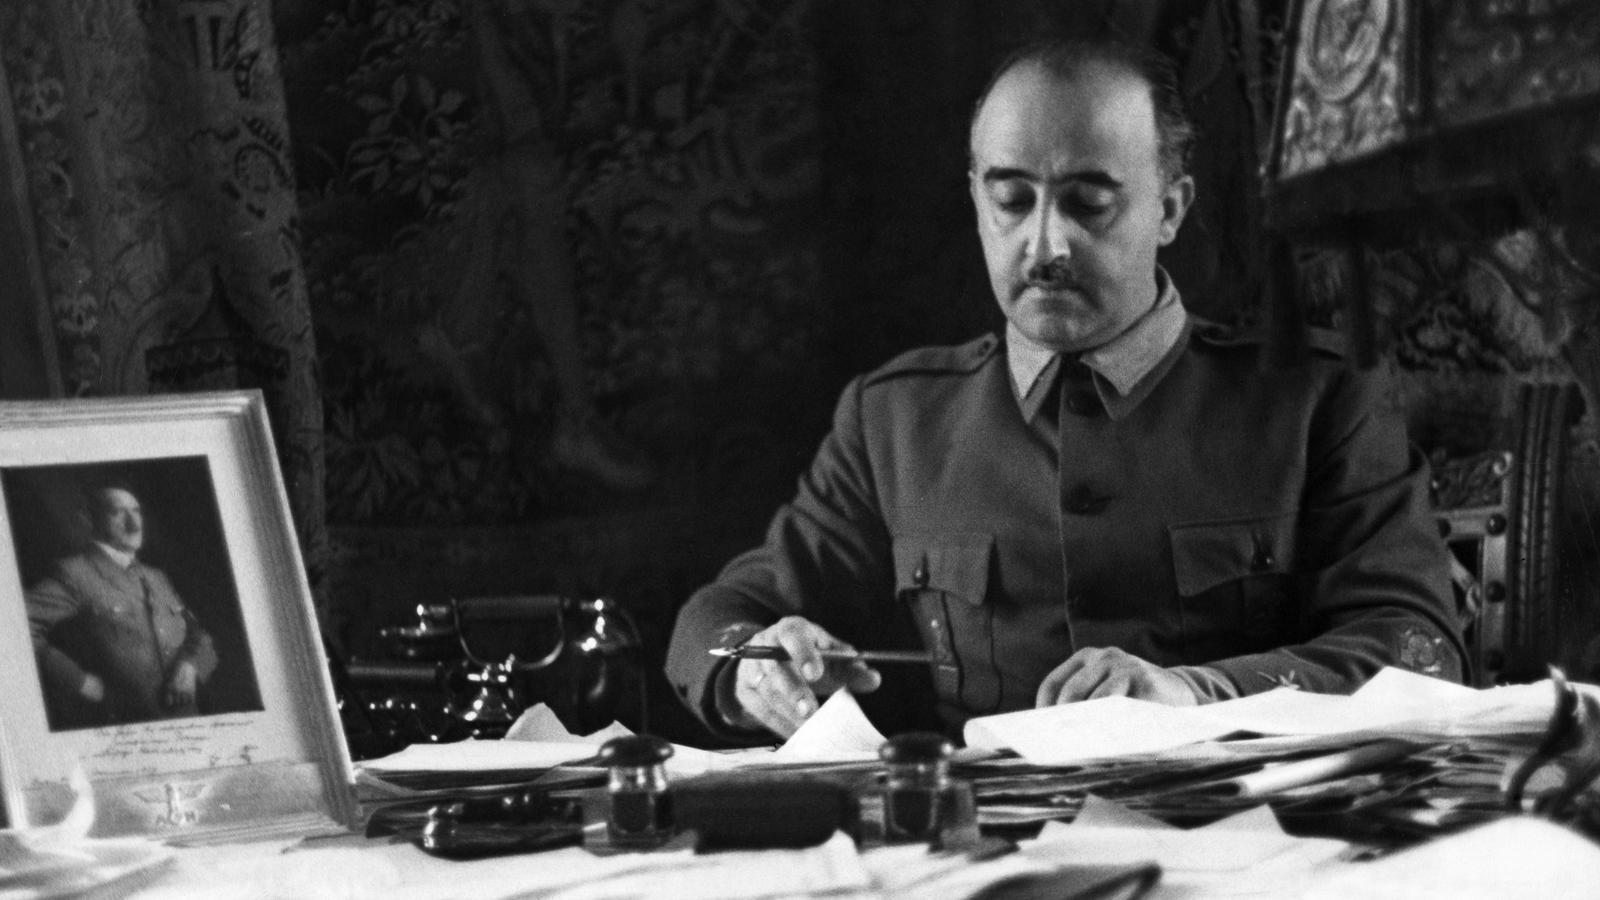 El testament de Franco és tan sols una ínfima part del patrimoni de la família